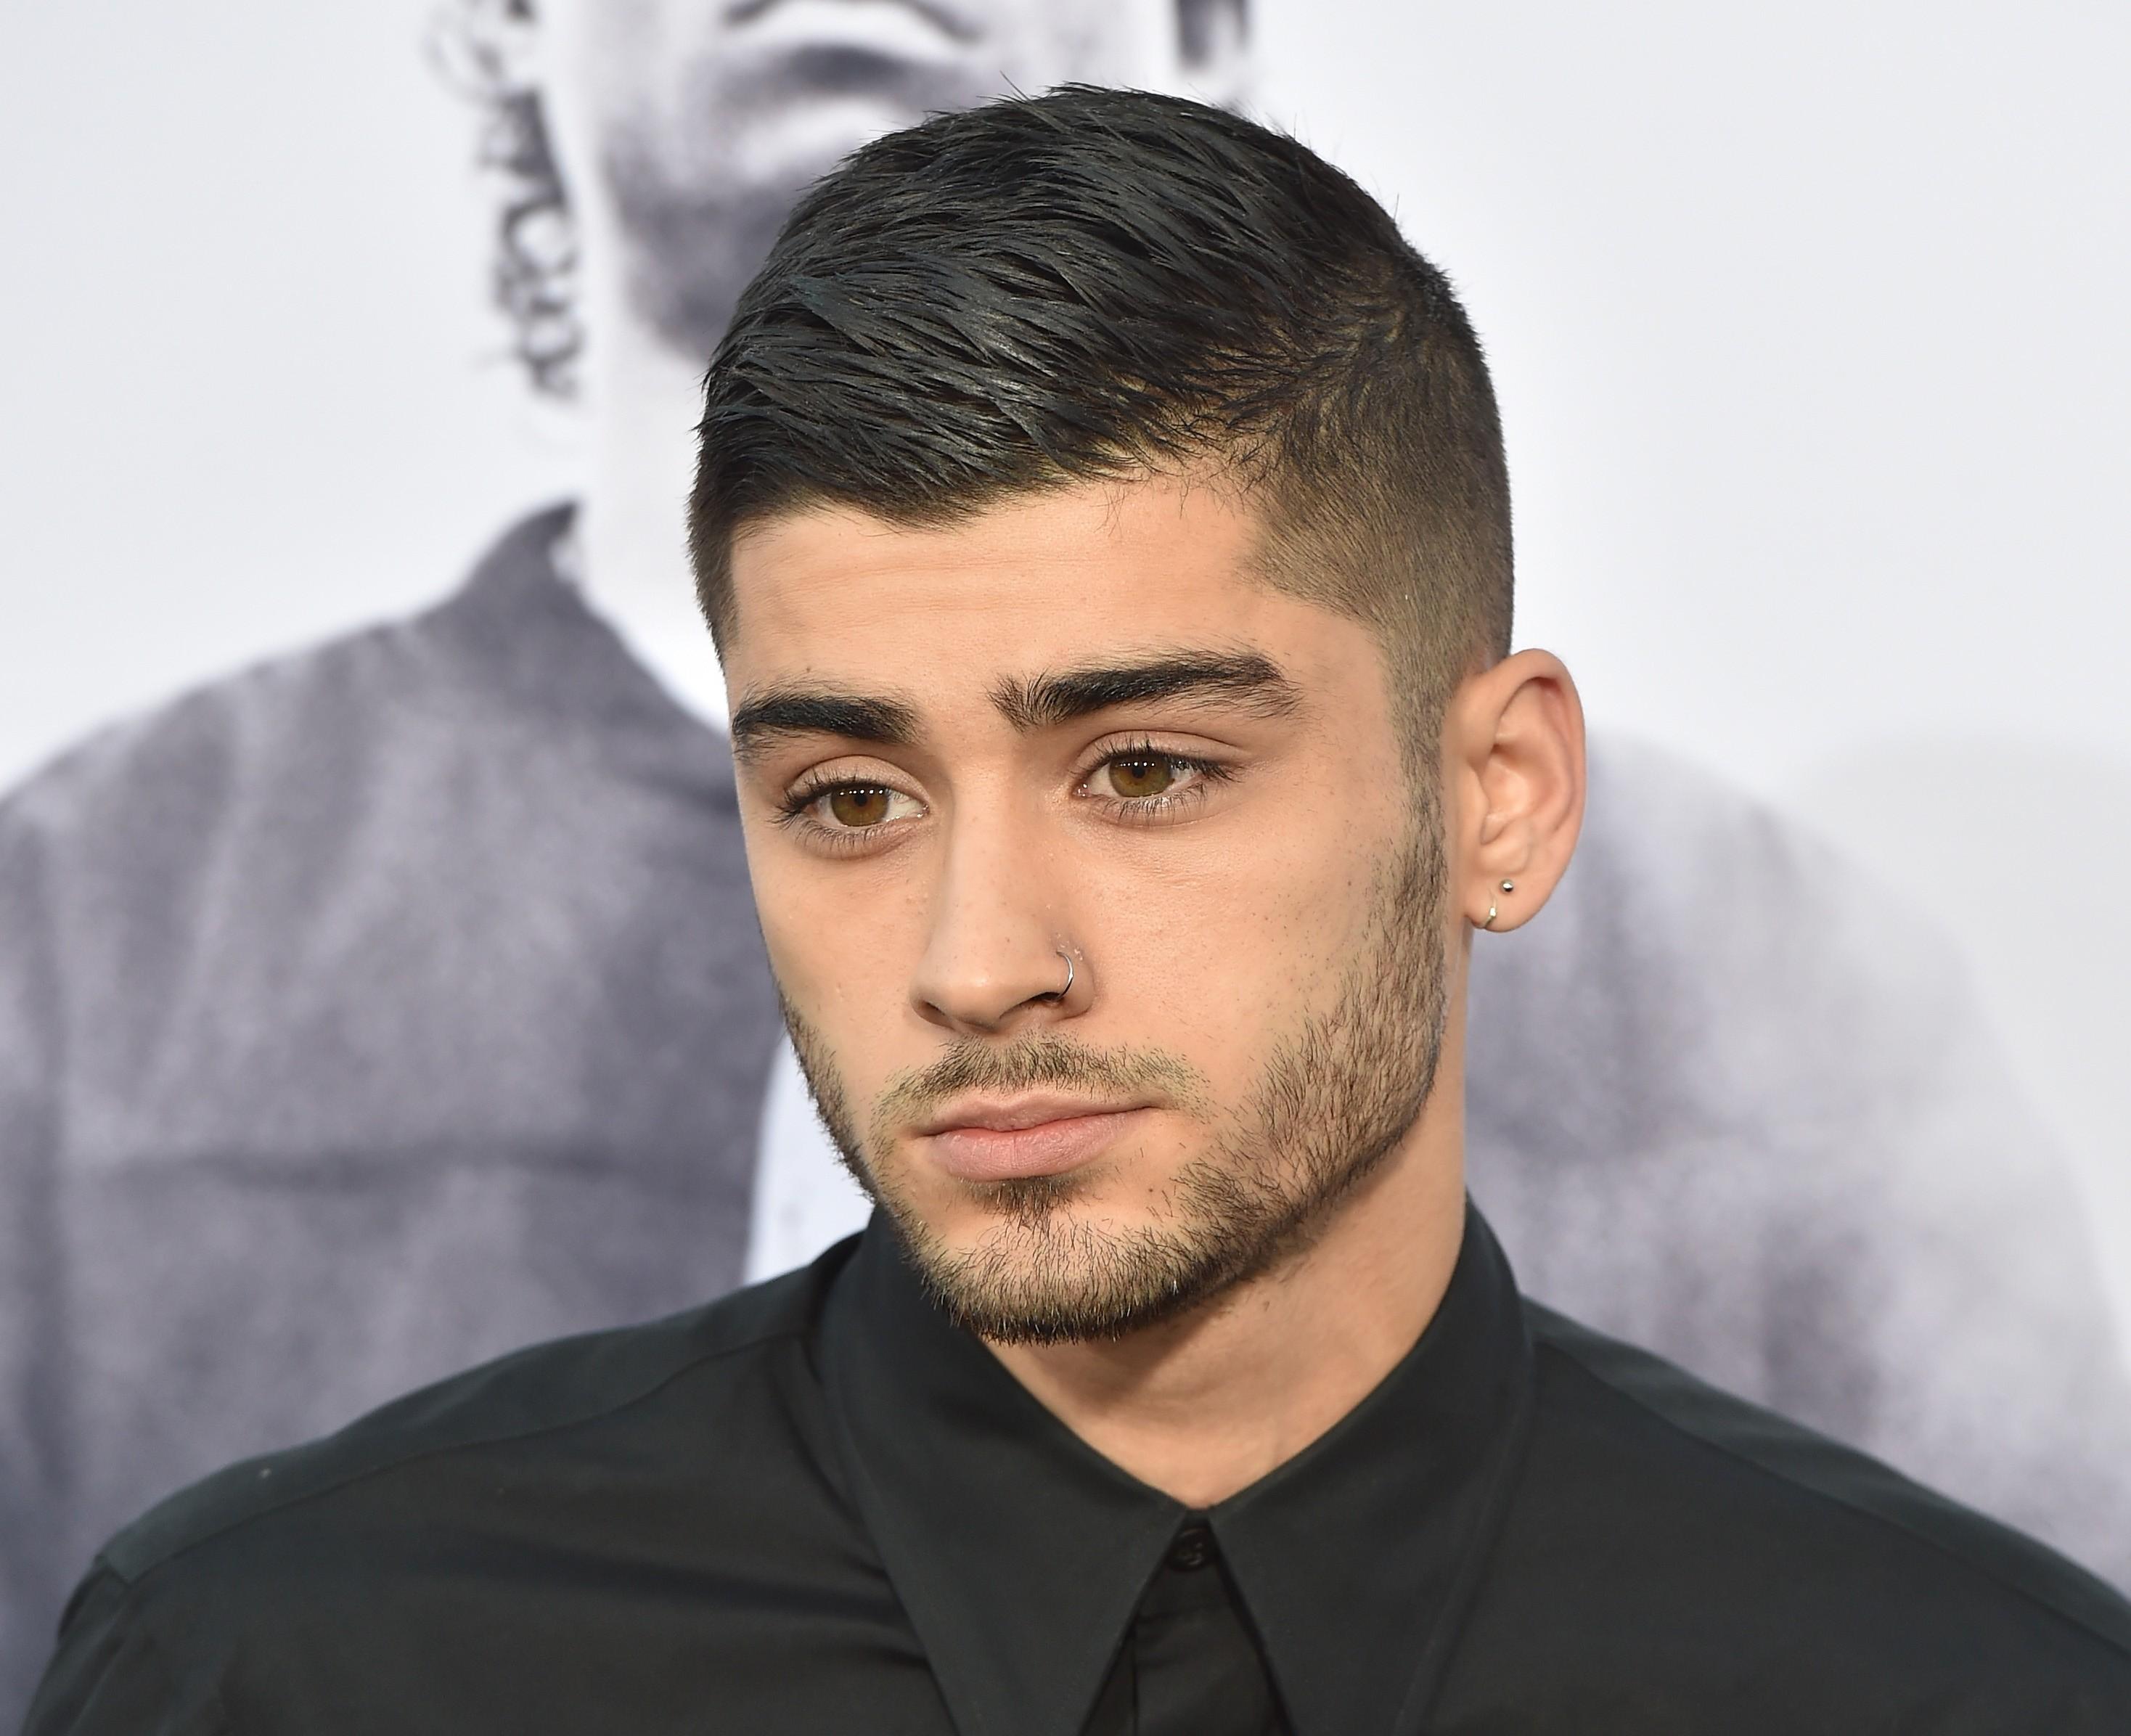 O músico Zayn Malik na época que ainda não tinha a tatuagem em sua cabeça (Foto: Getty Images)